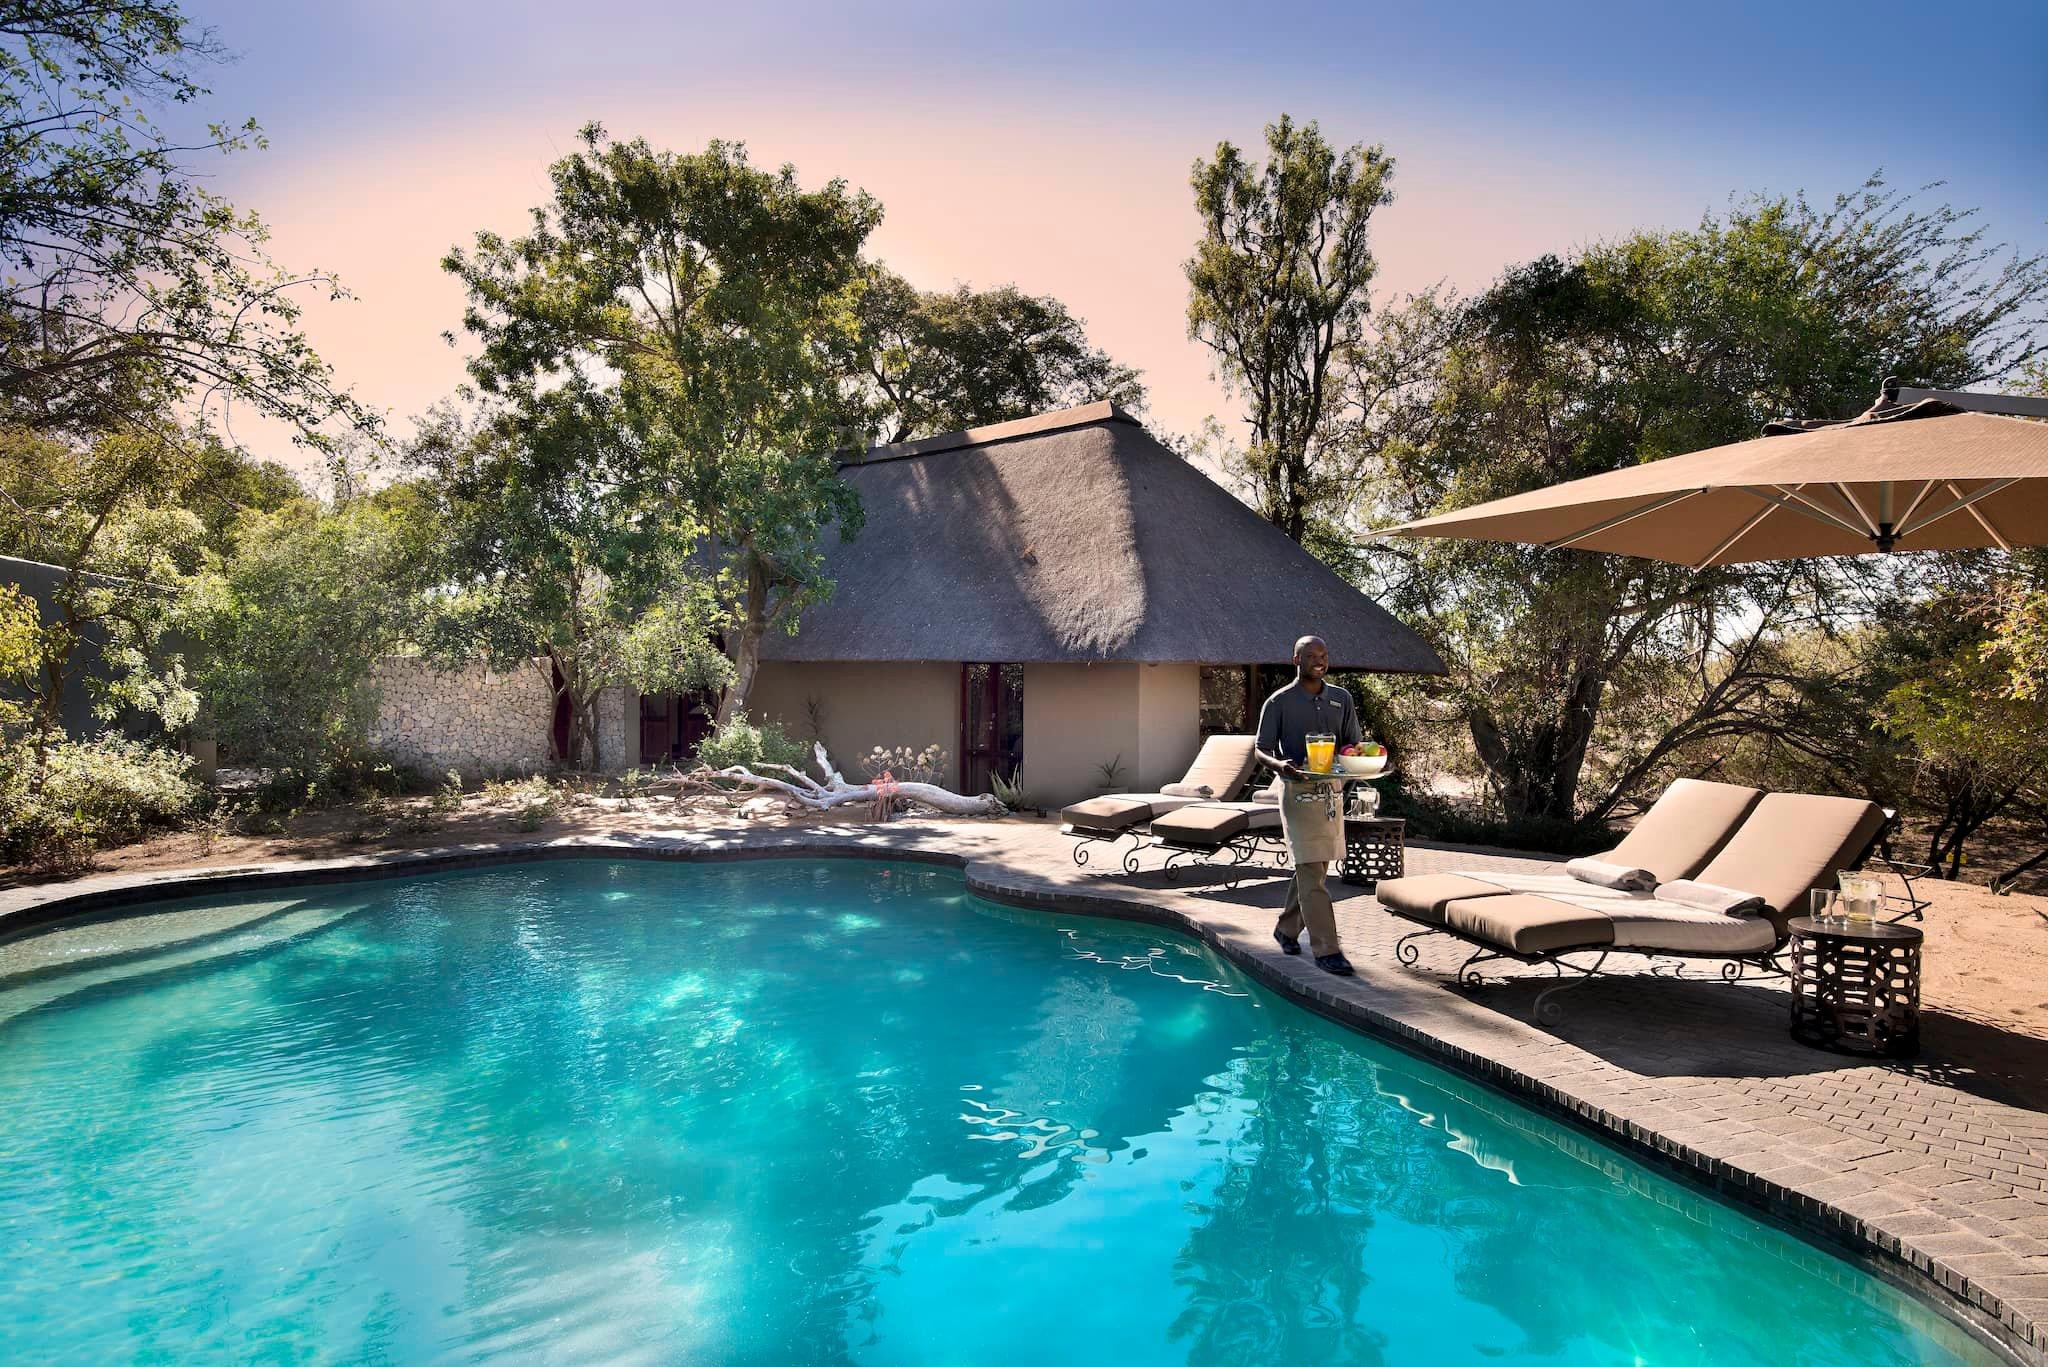 andBeyond-ngala-safari-lodge-exterior-family-suite-pool-01.jpeg